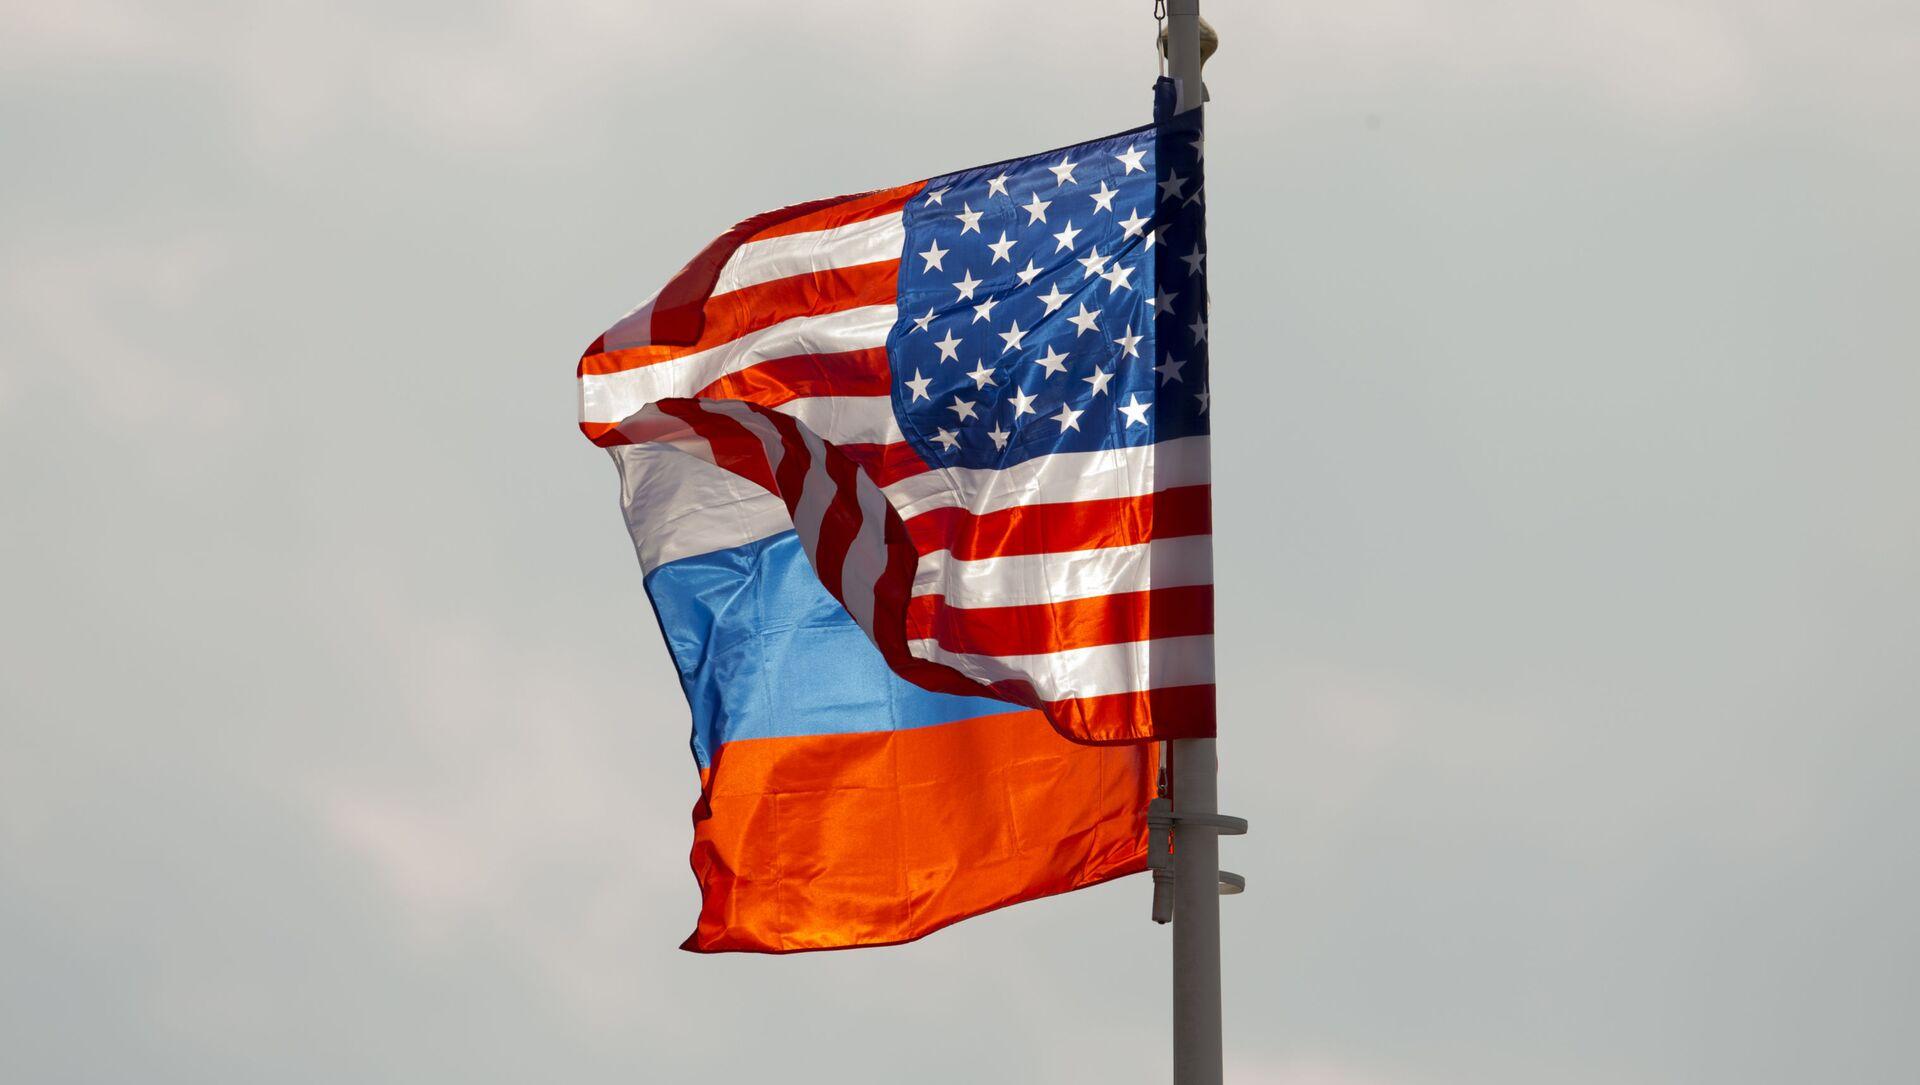 Les drapeaux russe et américain - Sputnik France, 1920, 28.07.2021